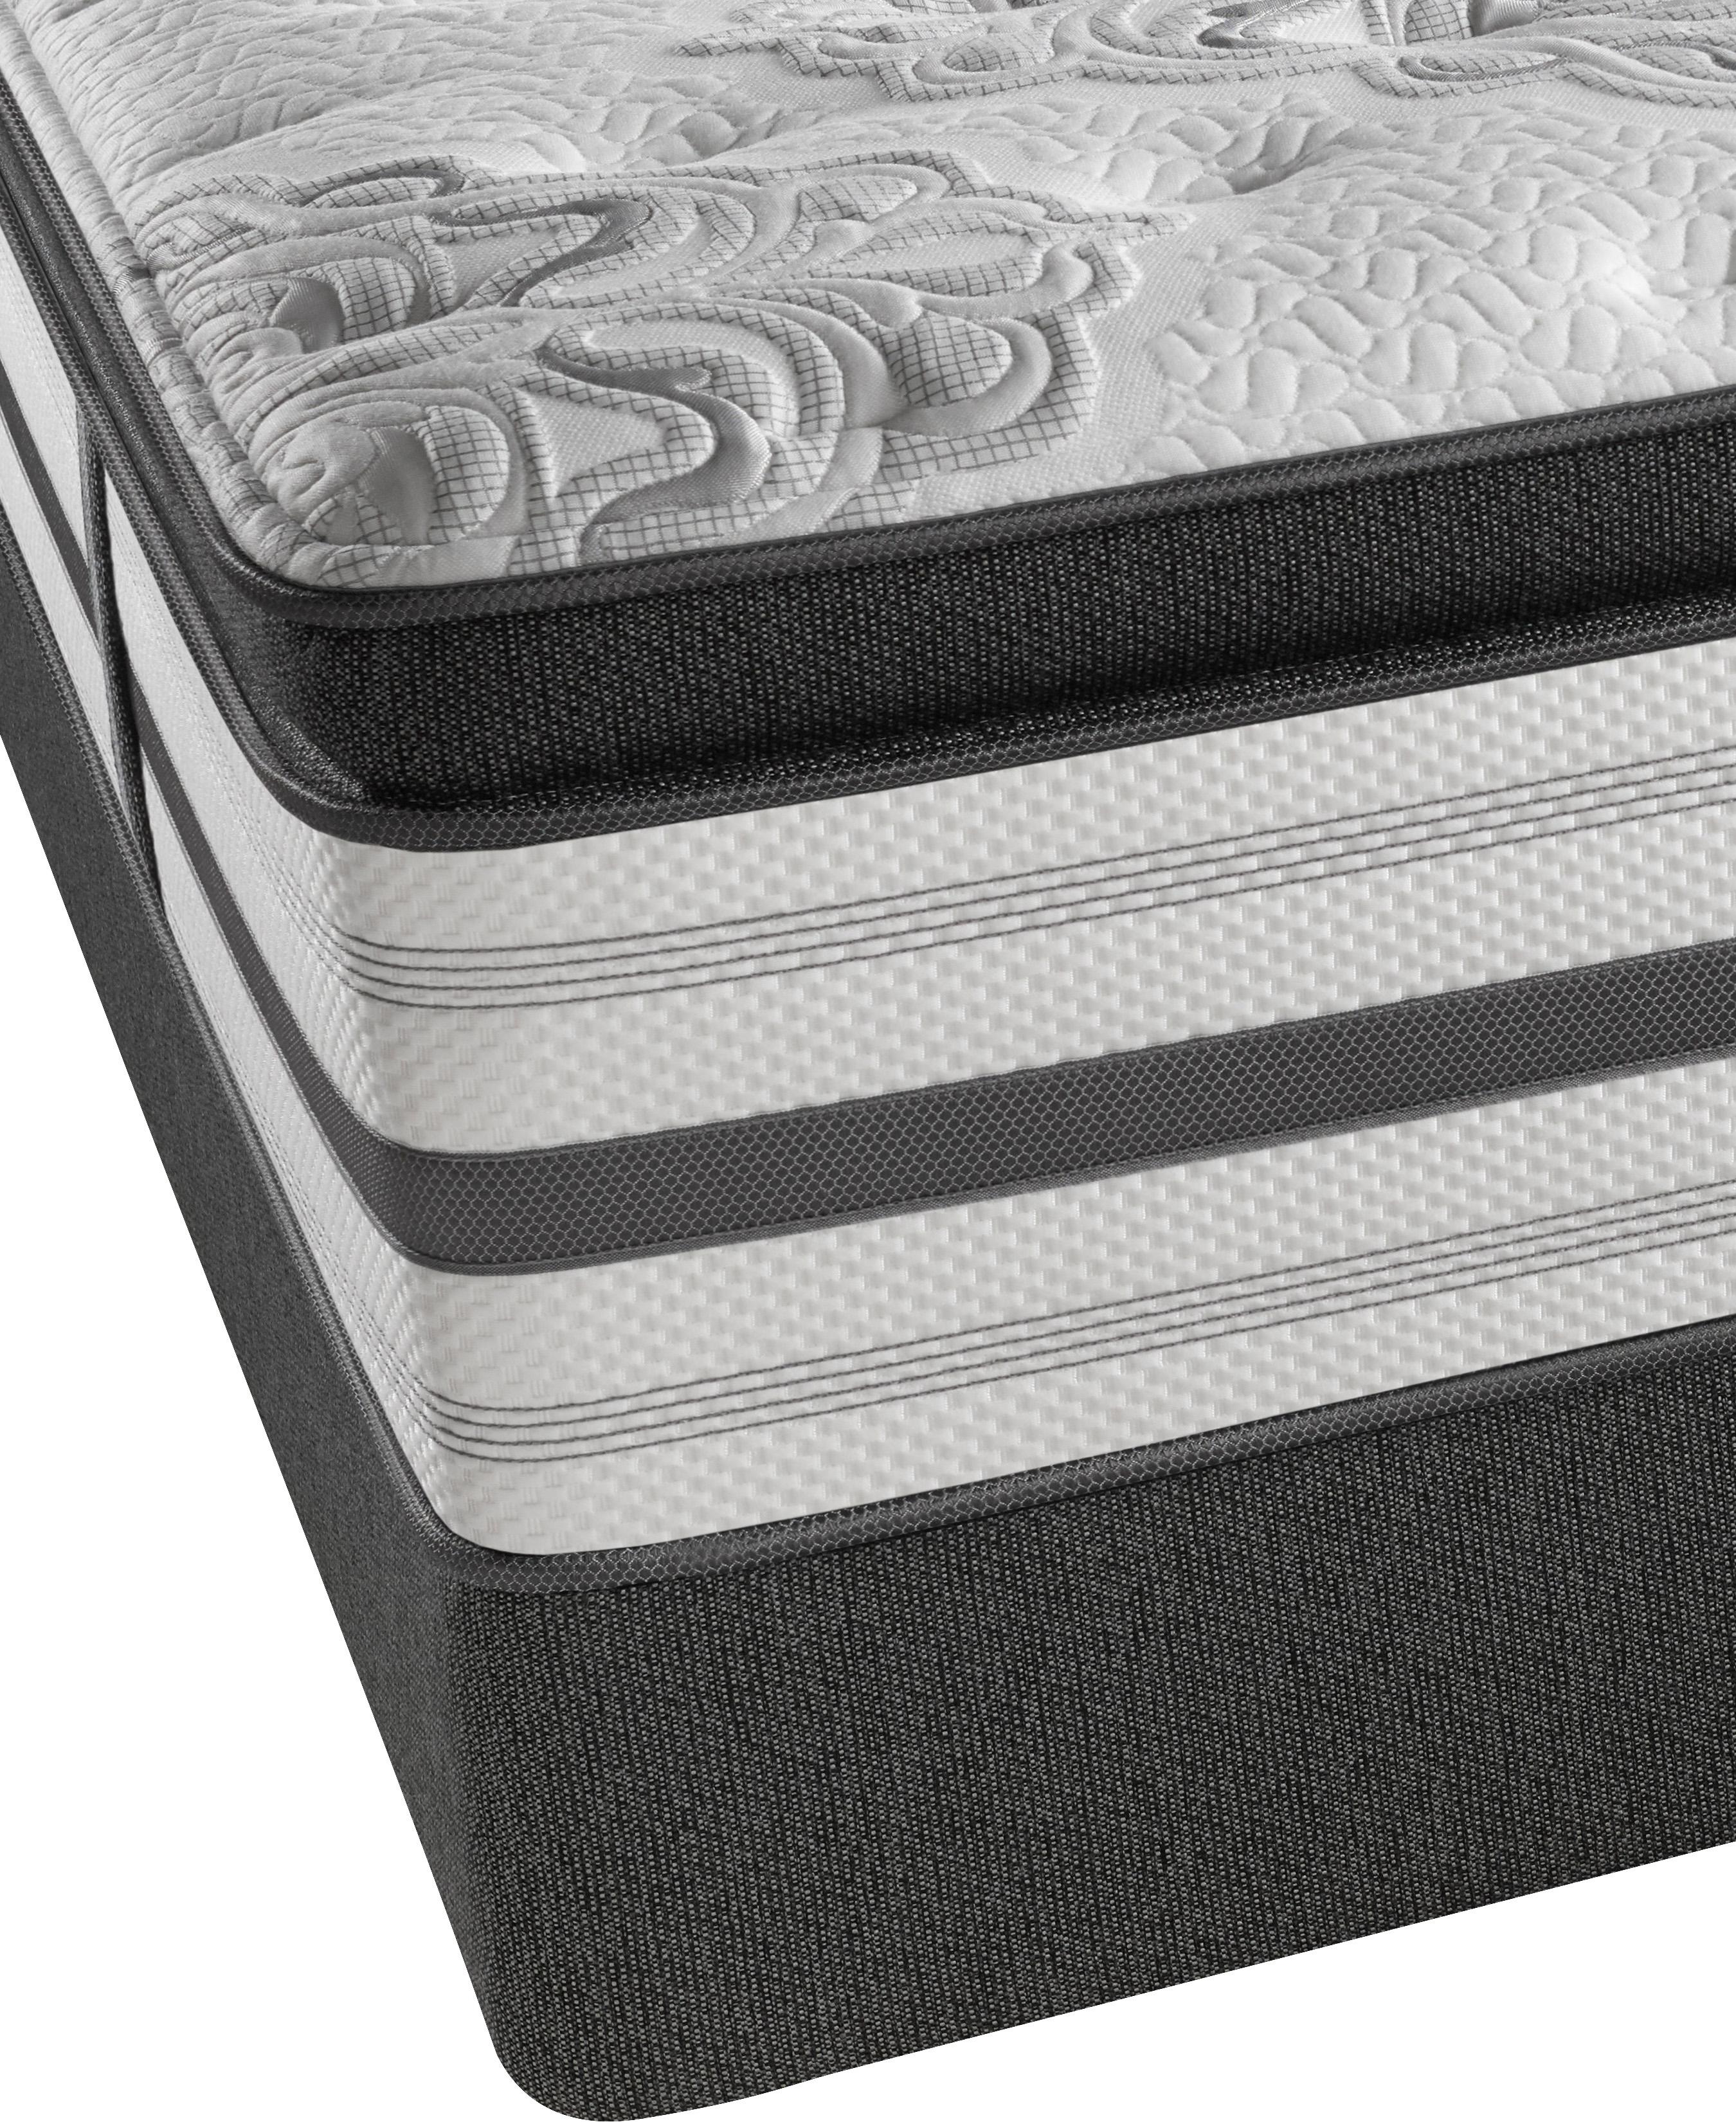 Beautyrest Platinum Chloe Luxury Firm Pillow Top King Mattress